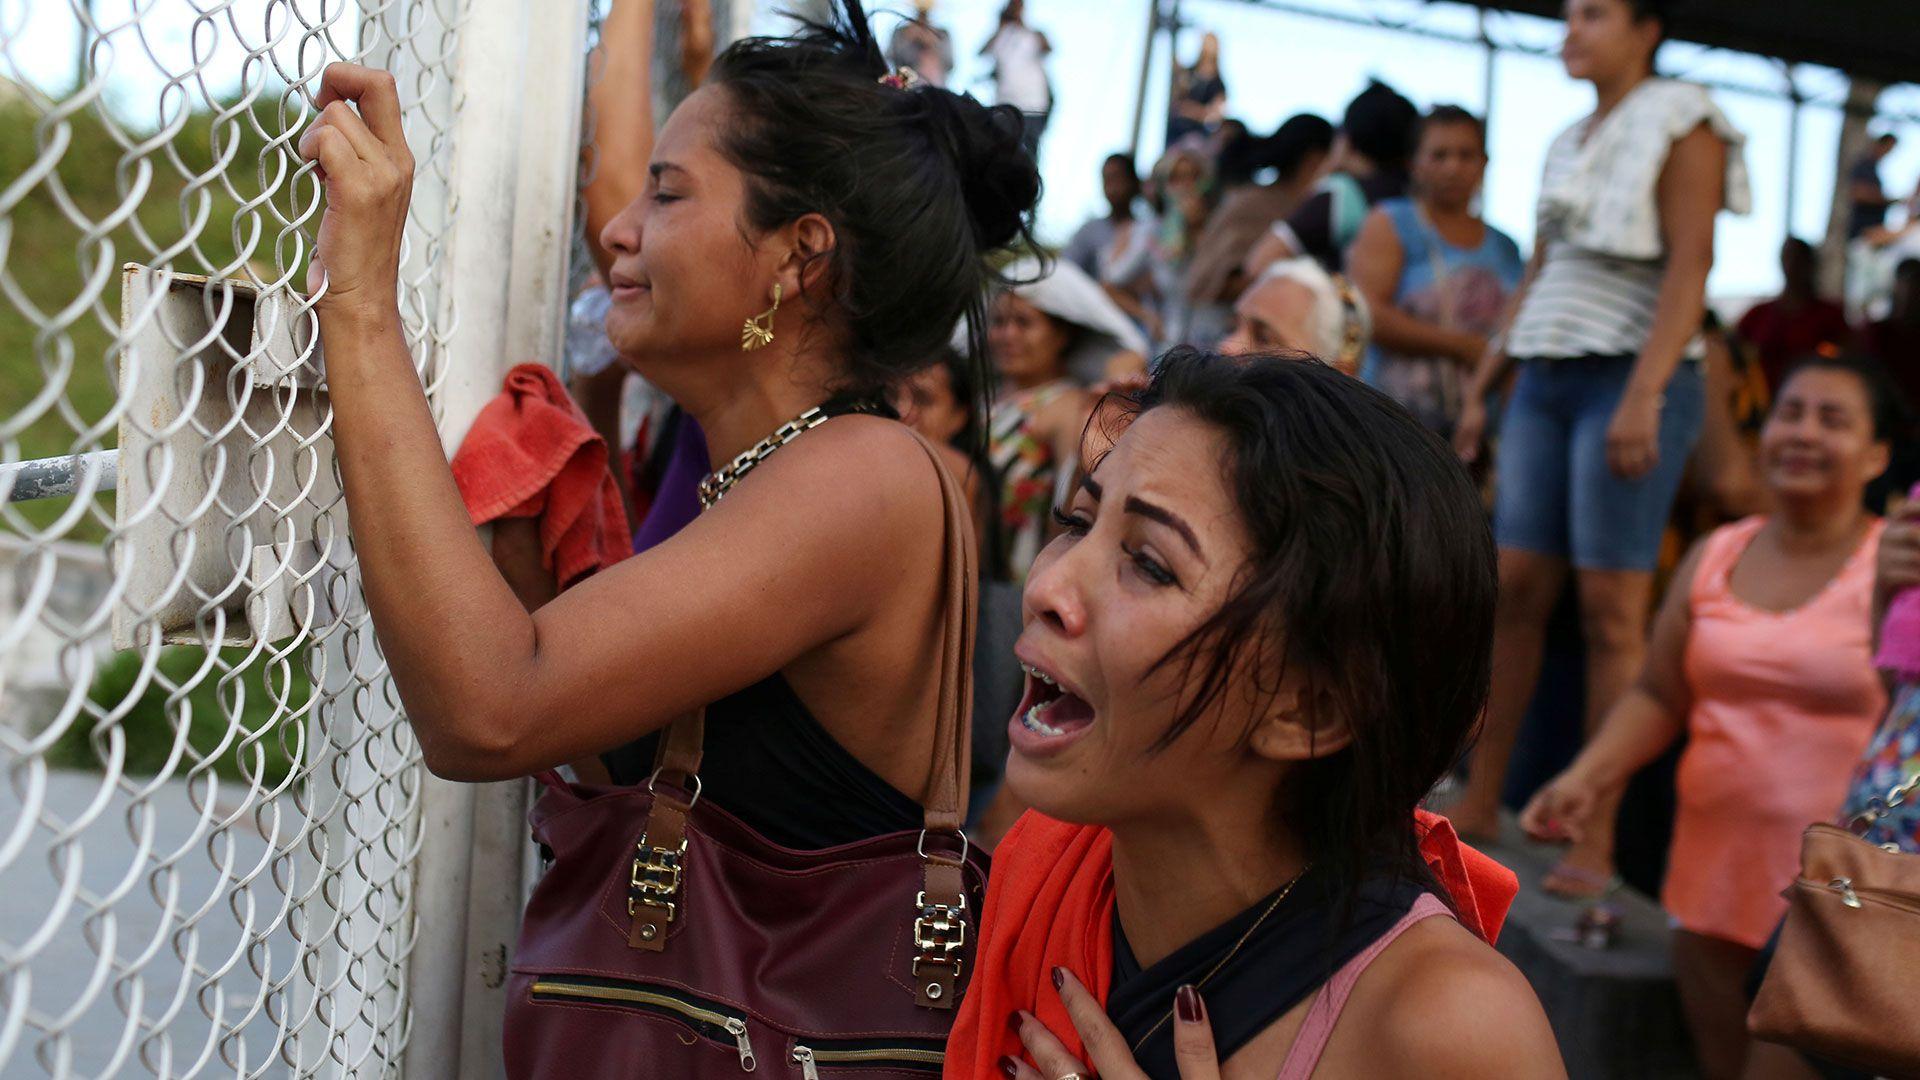 Familiares de las víctimas se acercaron a los centros penitenciarios (Reuters)